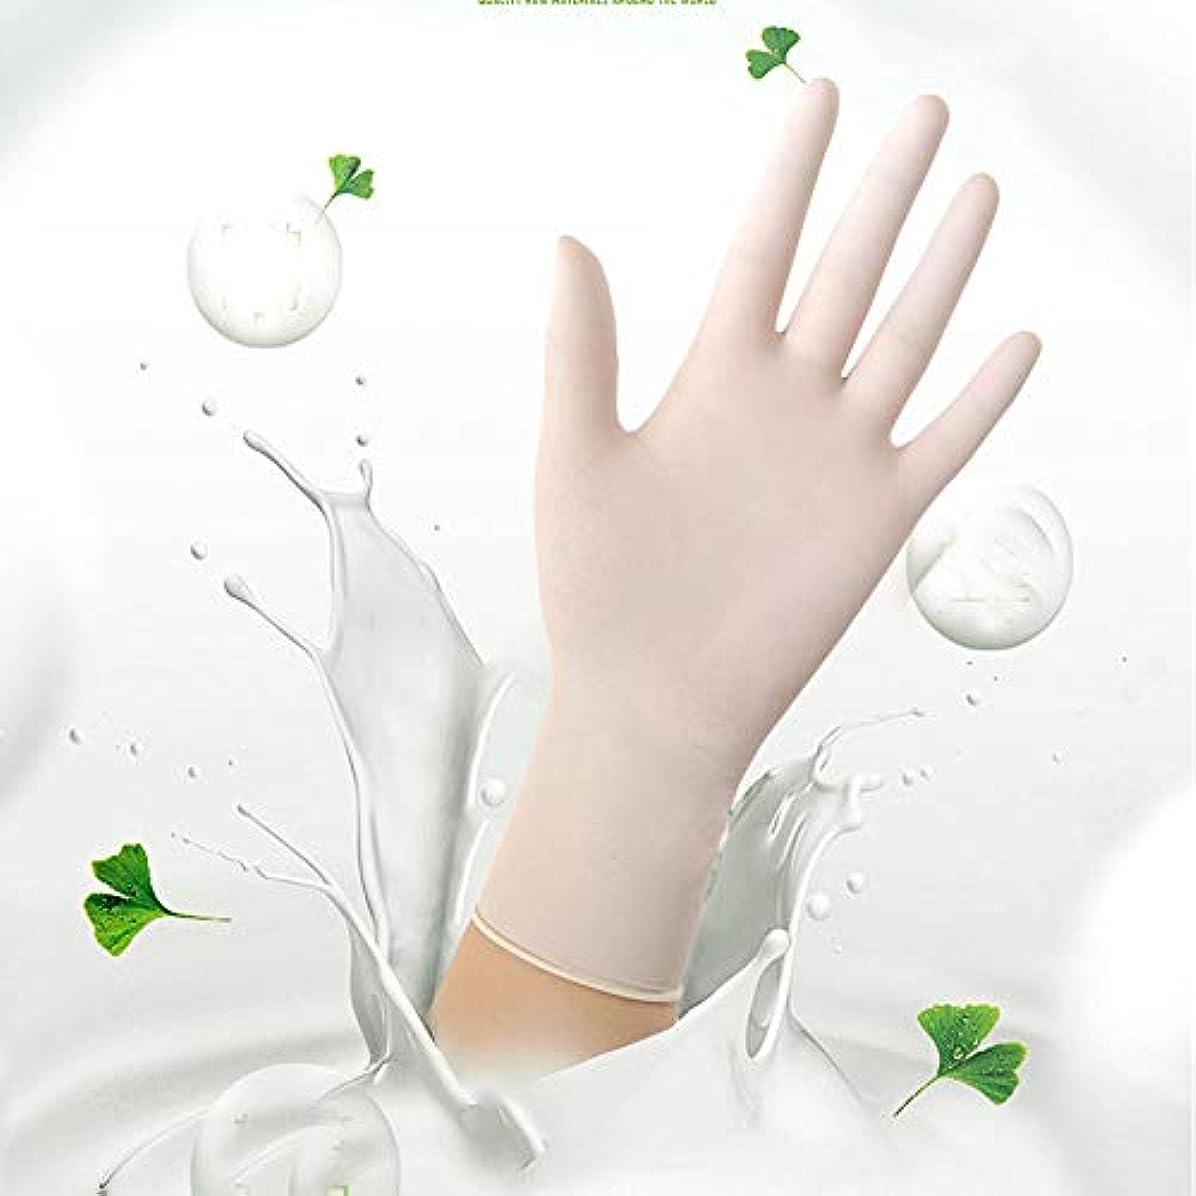 透明に閃光打倒ニトリル検査用手袋 - 医療用グレード、パウダーフリー、ラテックスラバーフリー、使い捨て、非滅菌、食品安全、インディゴ色、100カウント、サイズS-L (Color : White, Size : S)